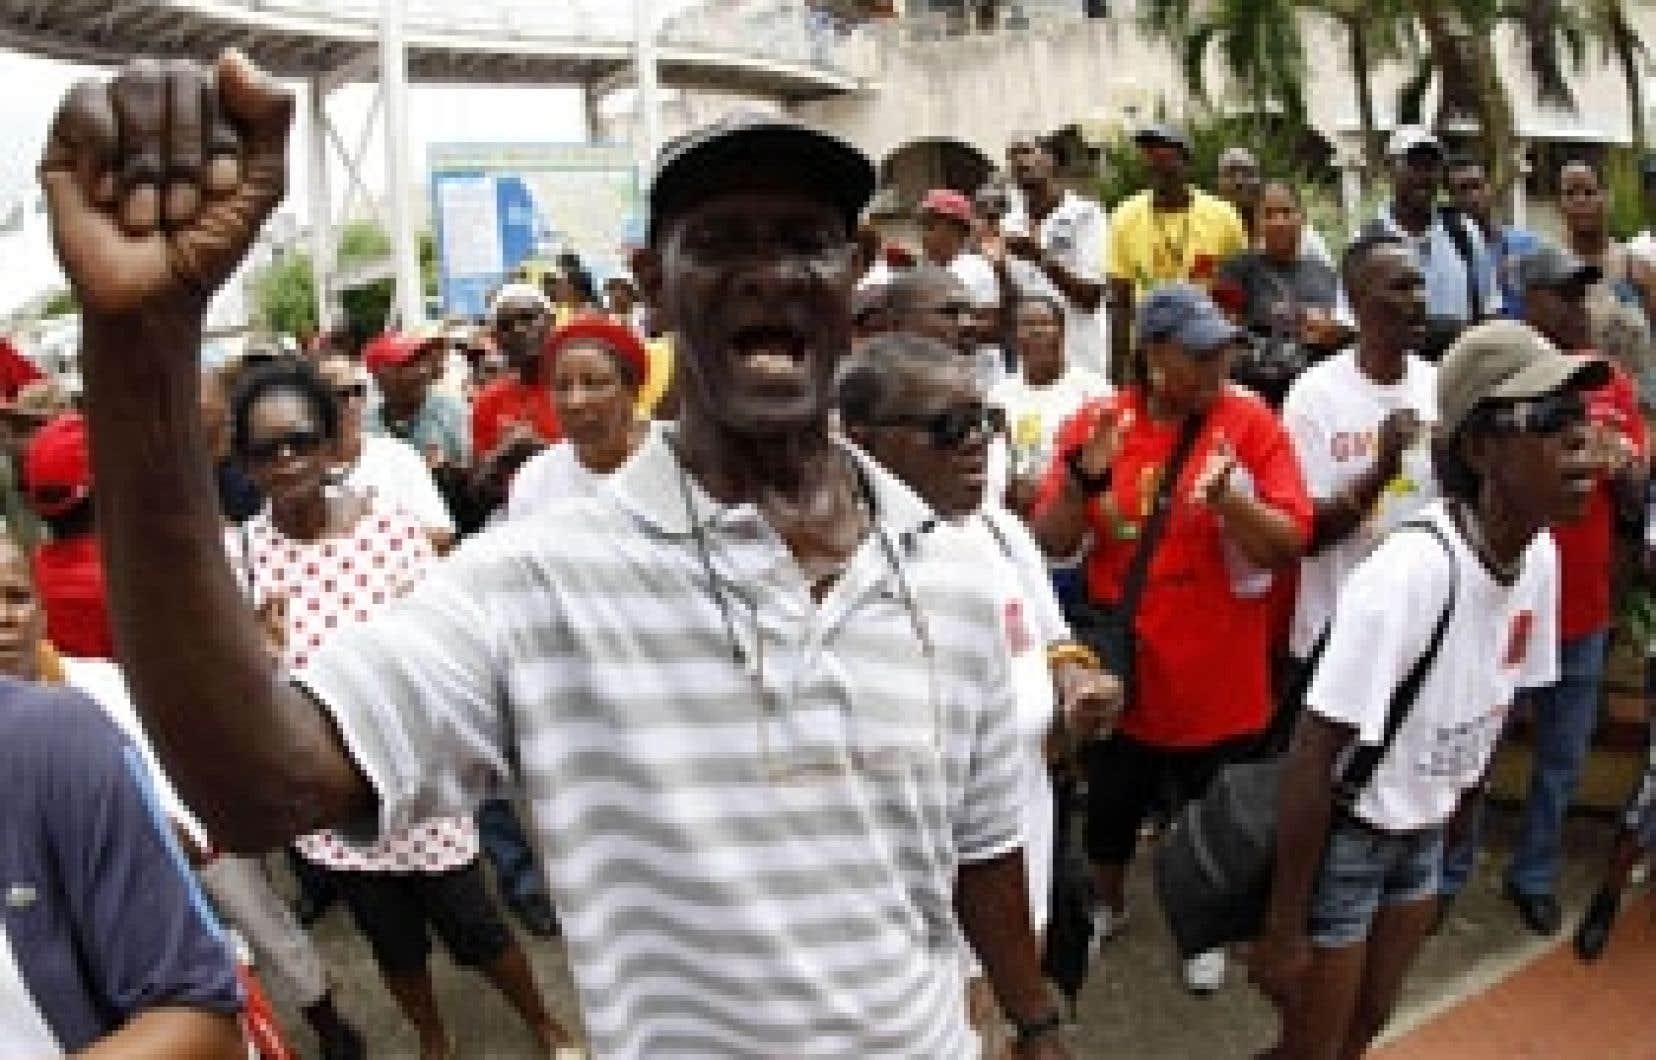 La reprise hier des pourparlers amorcés la semaine dernière n'a pas empêché la tenue d'une manifestation à Pointe-à-Pitre.